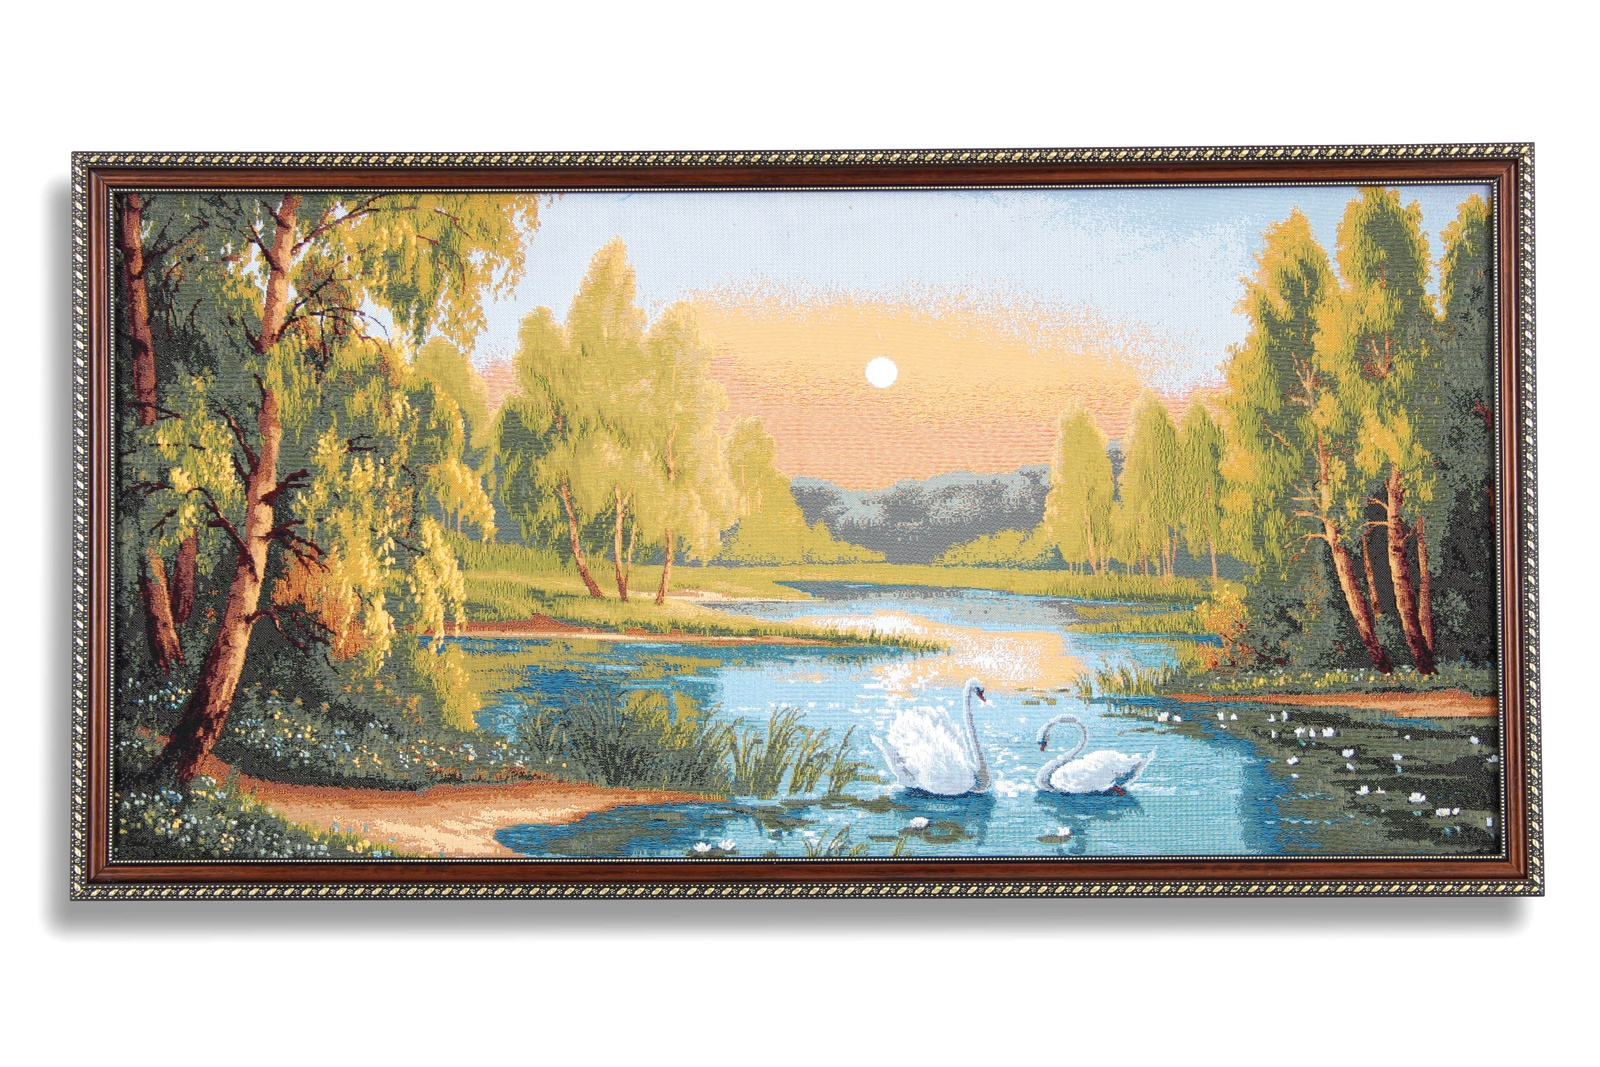 Картина Магазин гобеленов лебединое озеро 50*95 см, Гобелен магазин 95 градусов все для бани